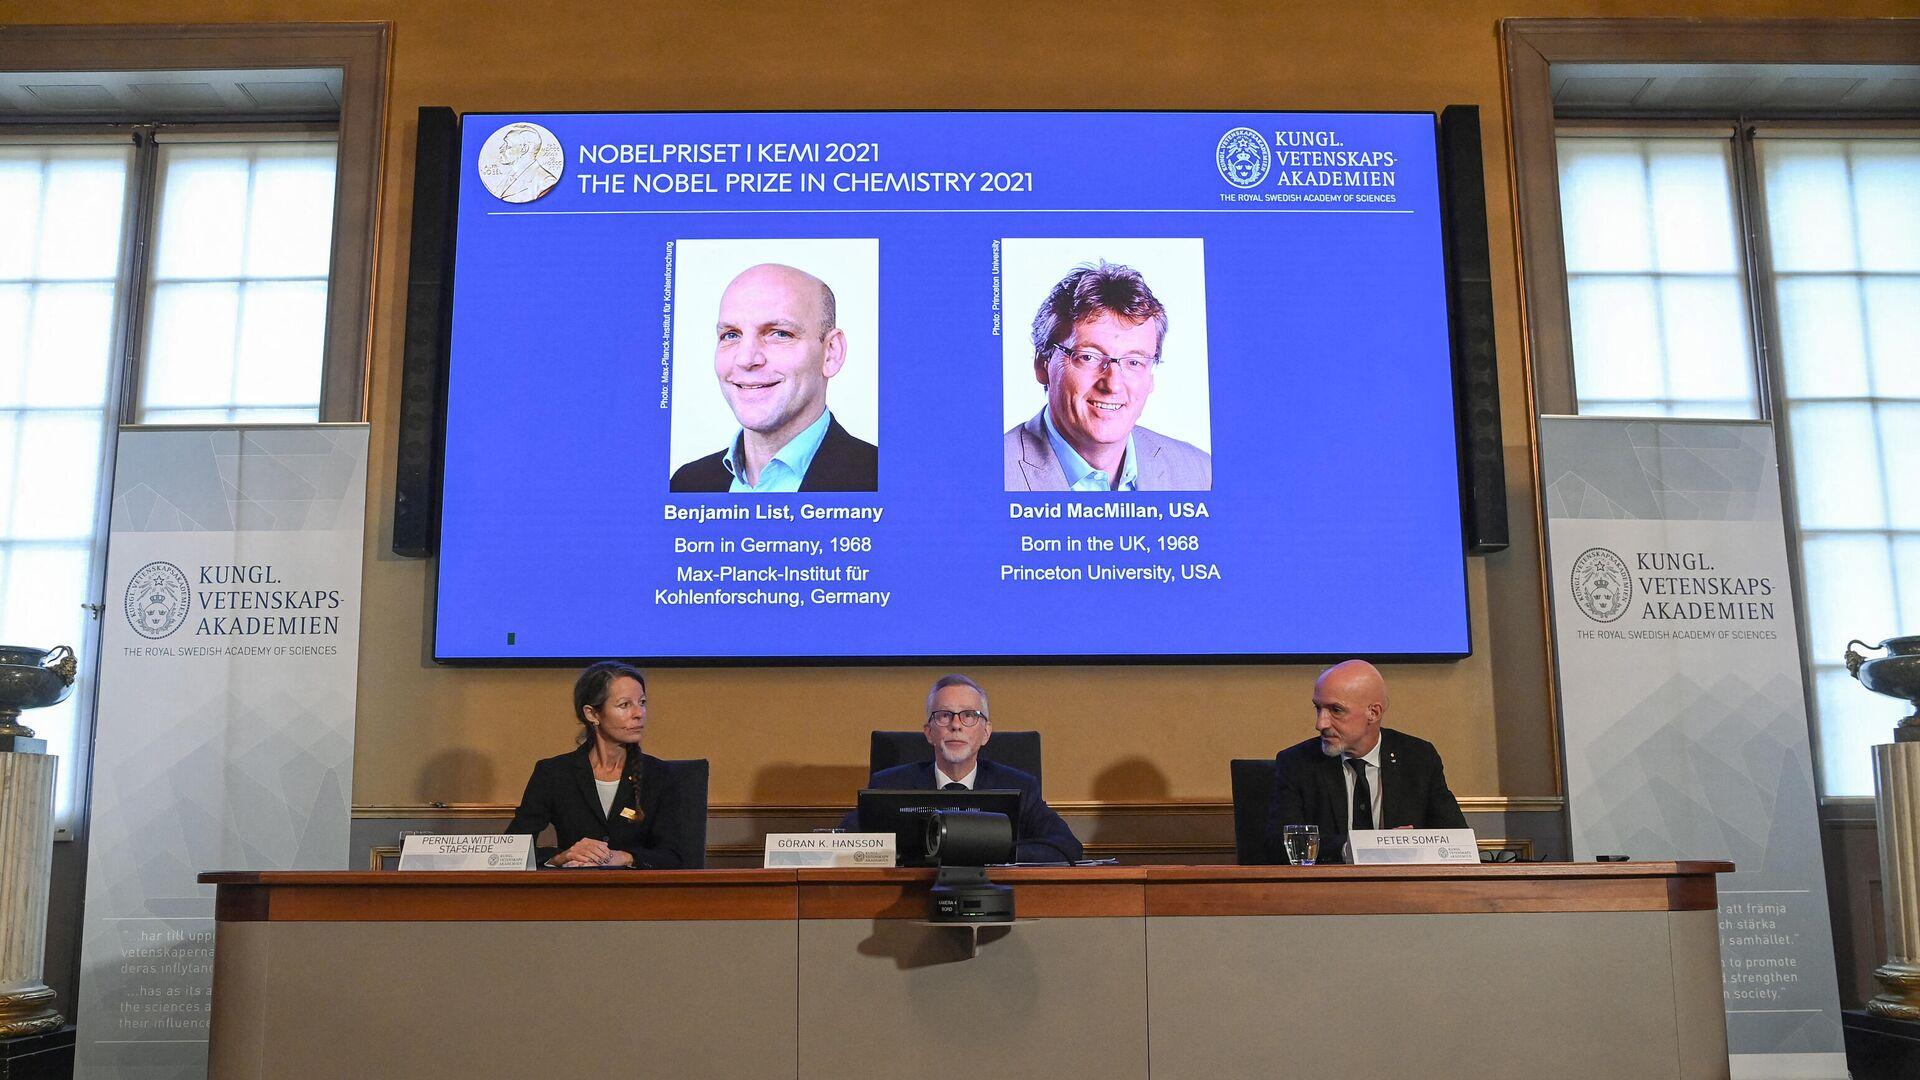 Российский ученый прокомментировал работы нобелевских лауреатов по химии